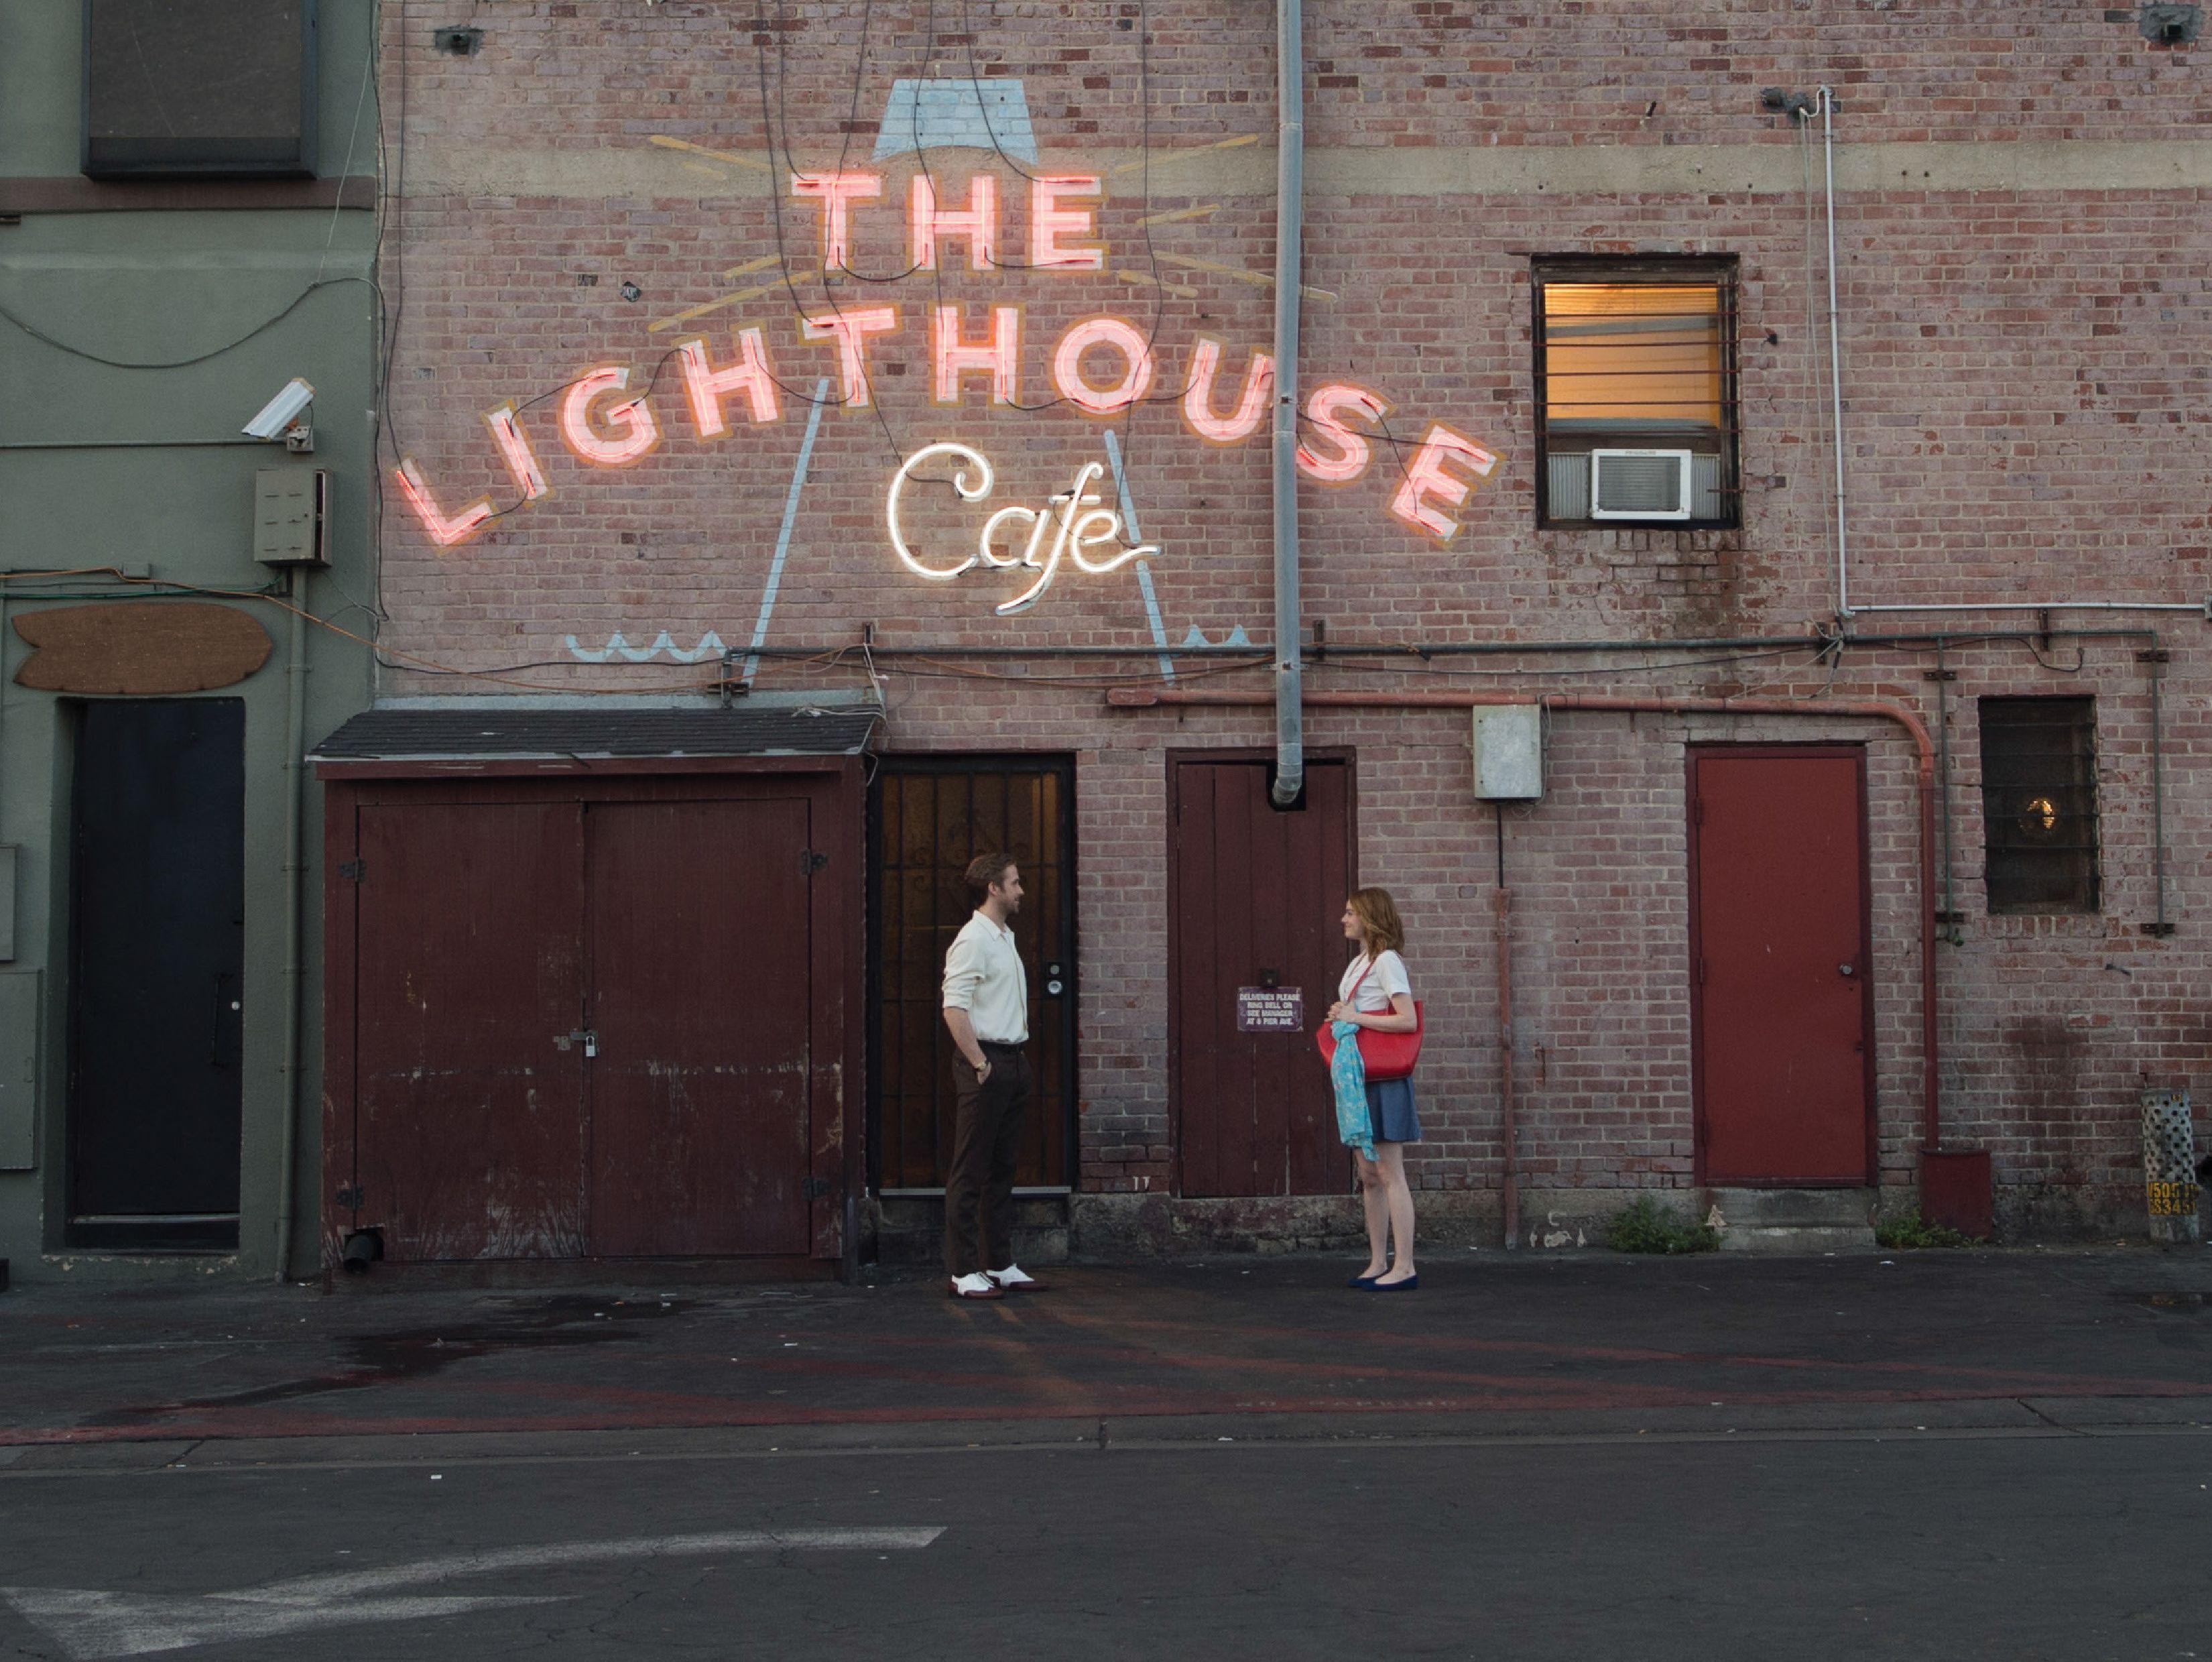 Lighthouse Cafe, La La Land